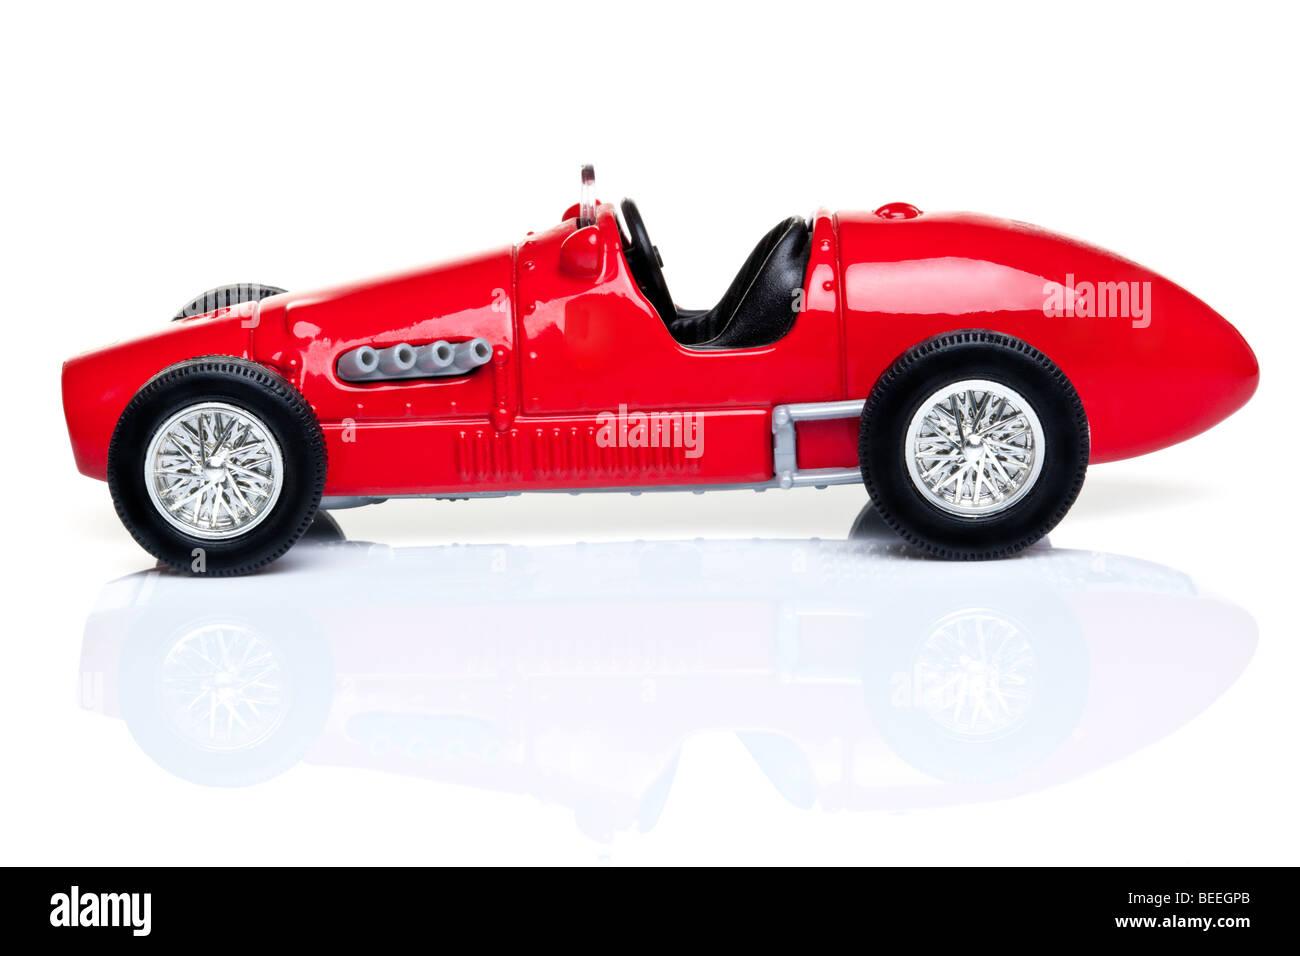 Racing Car Stock Photos & Racing Car Stock Images - Alamy